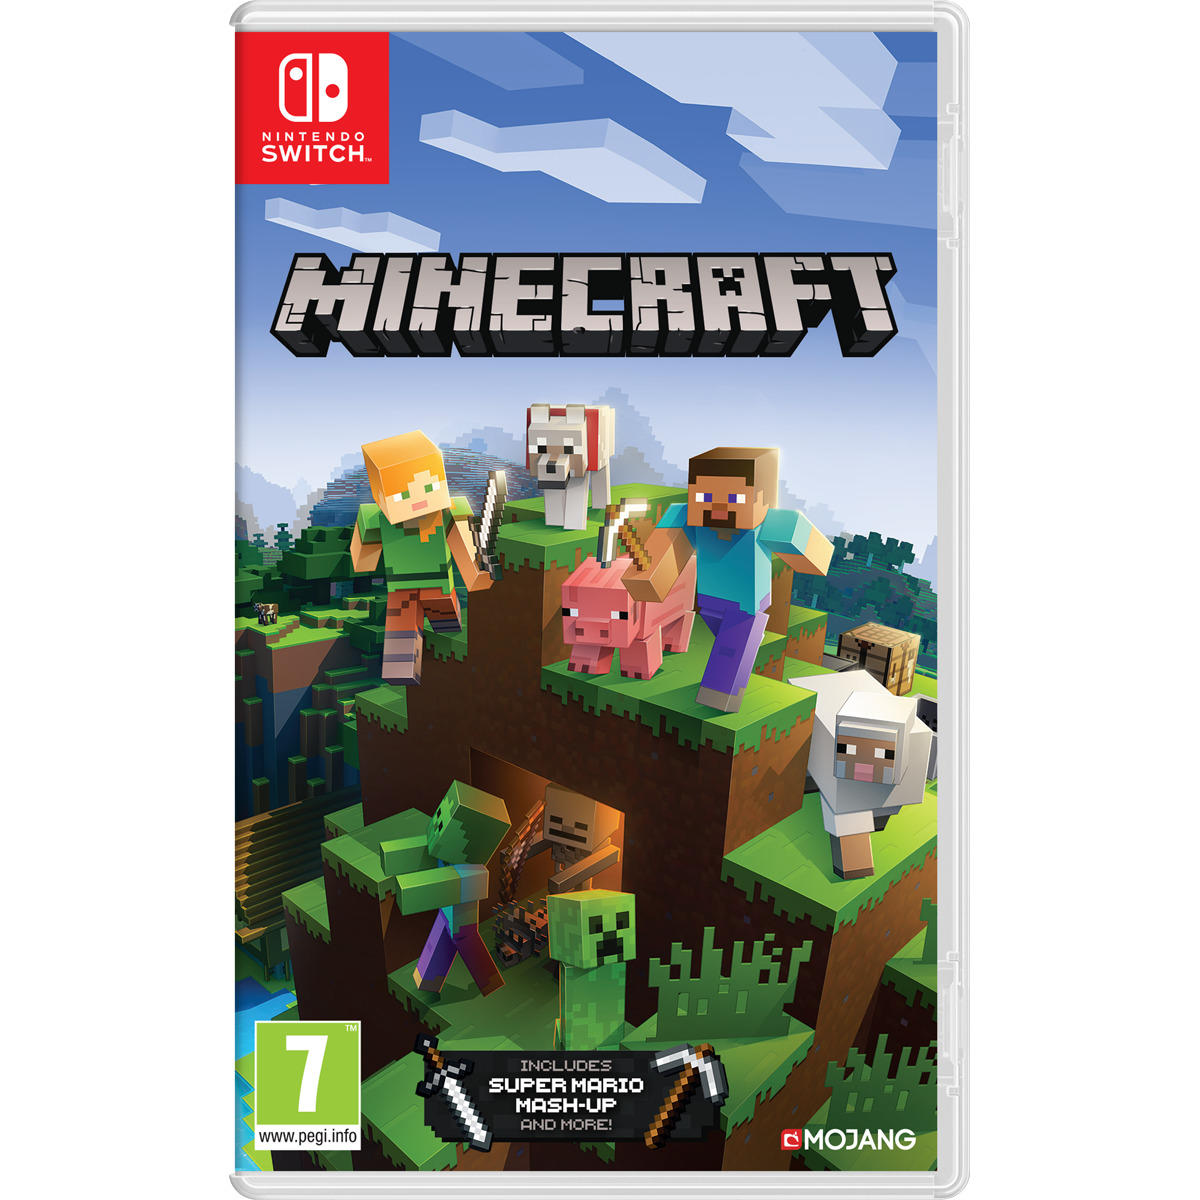 Minecraft: Nintendo Switch Edition N-Switch Videojuegos Juegos Acción Edad 7+